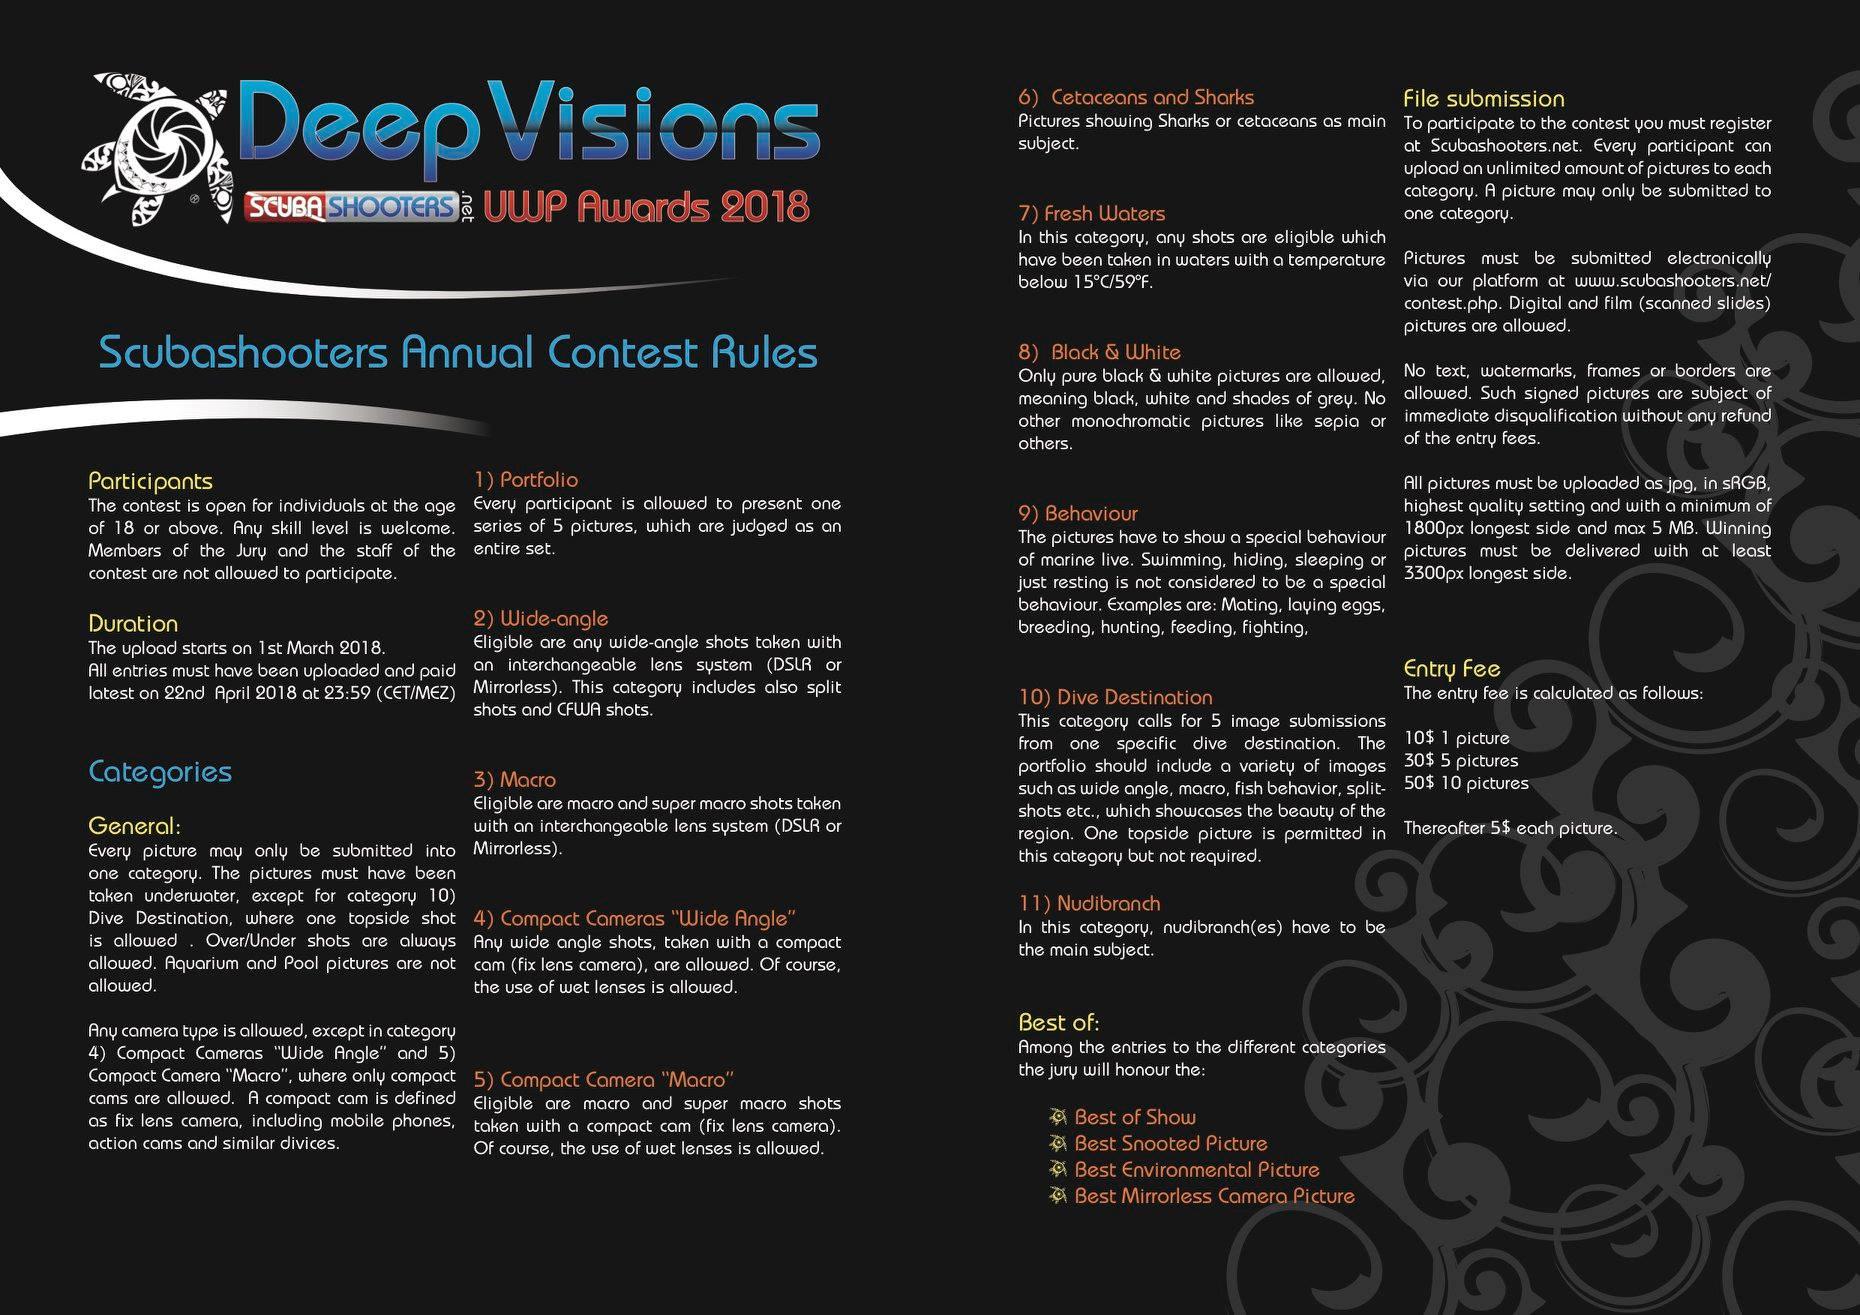 deepvisions2.jpg